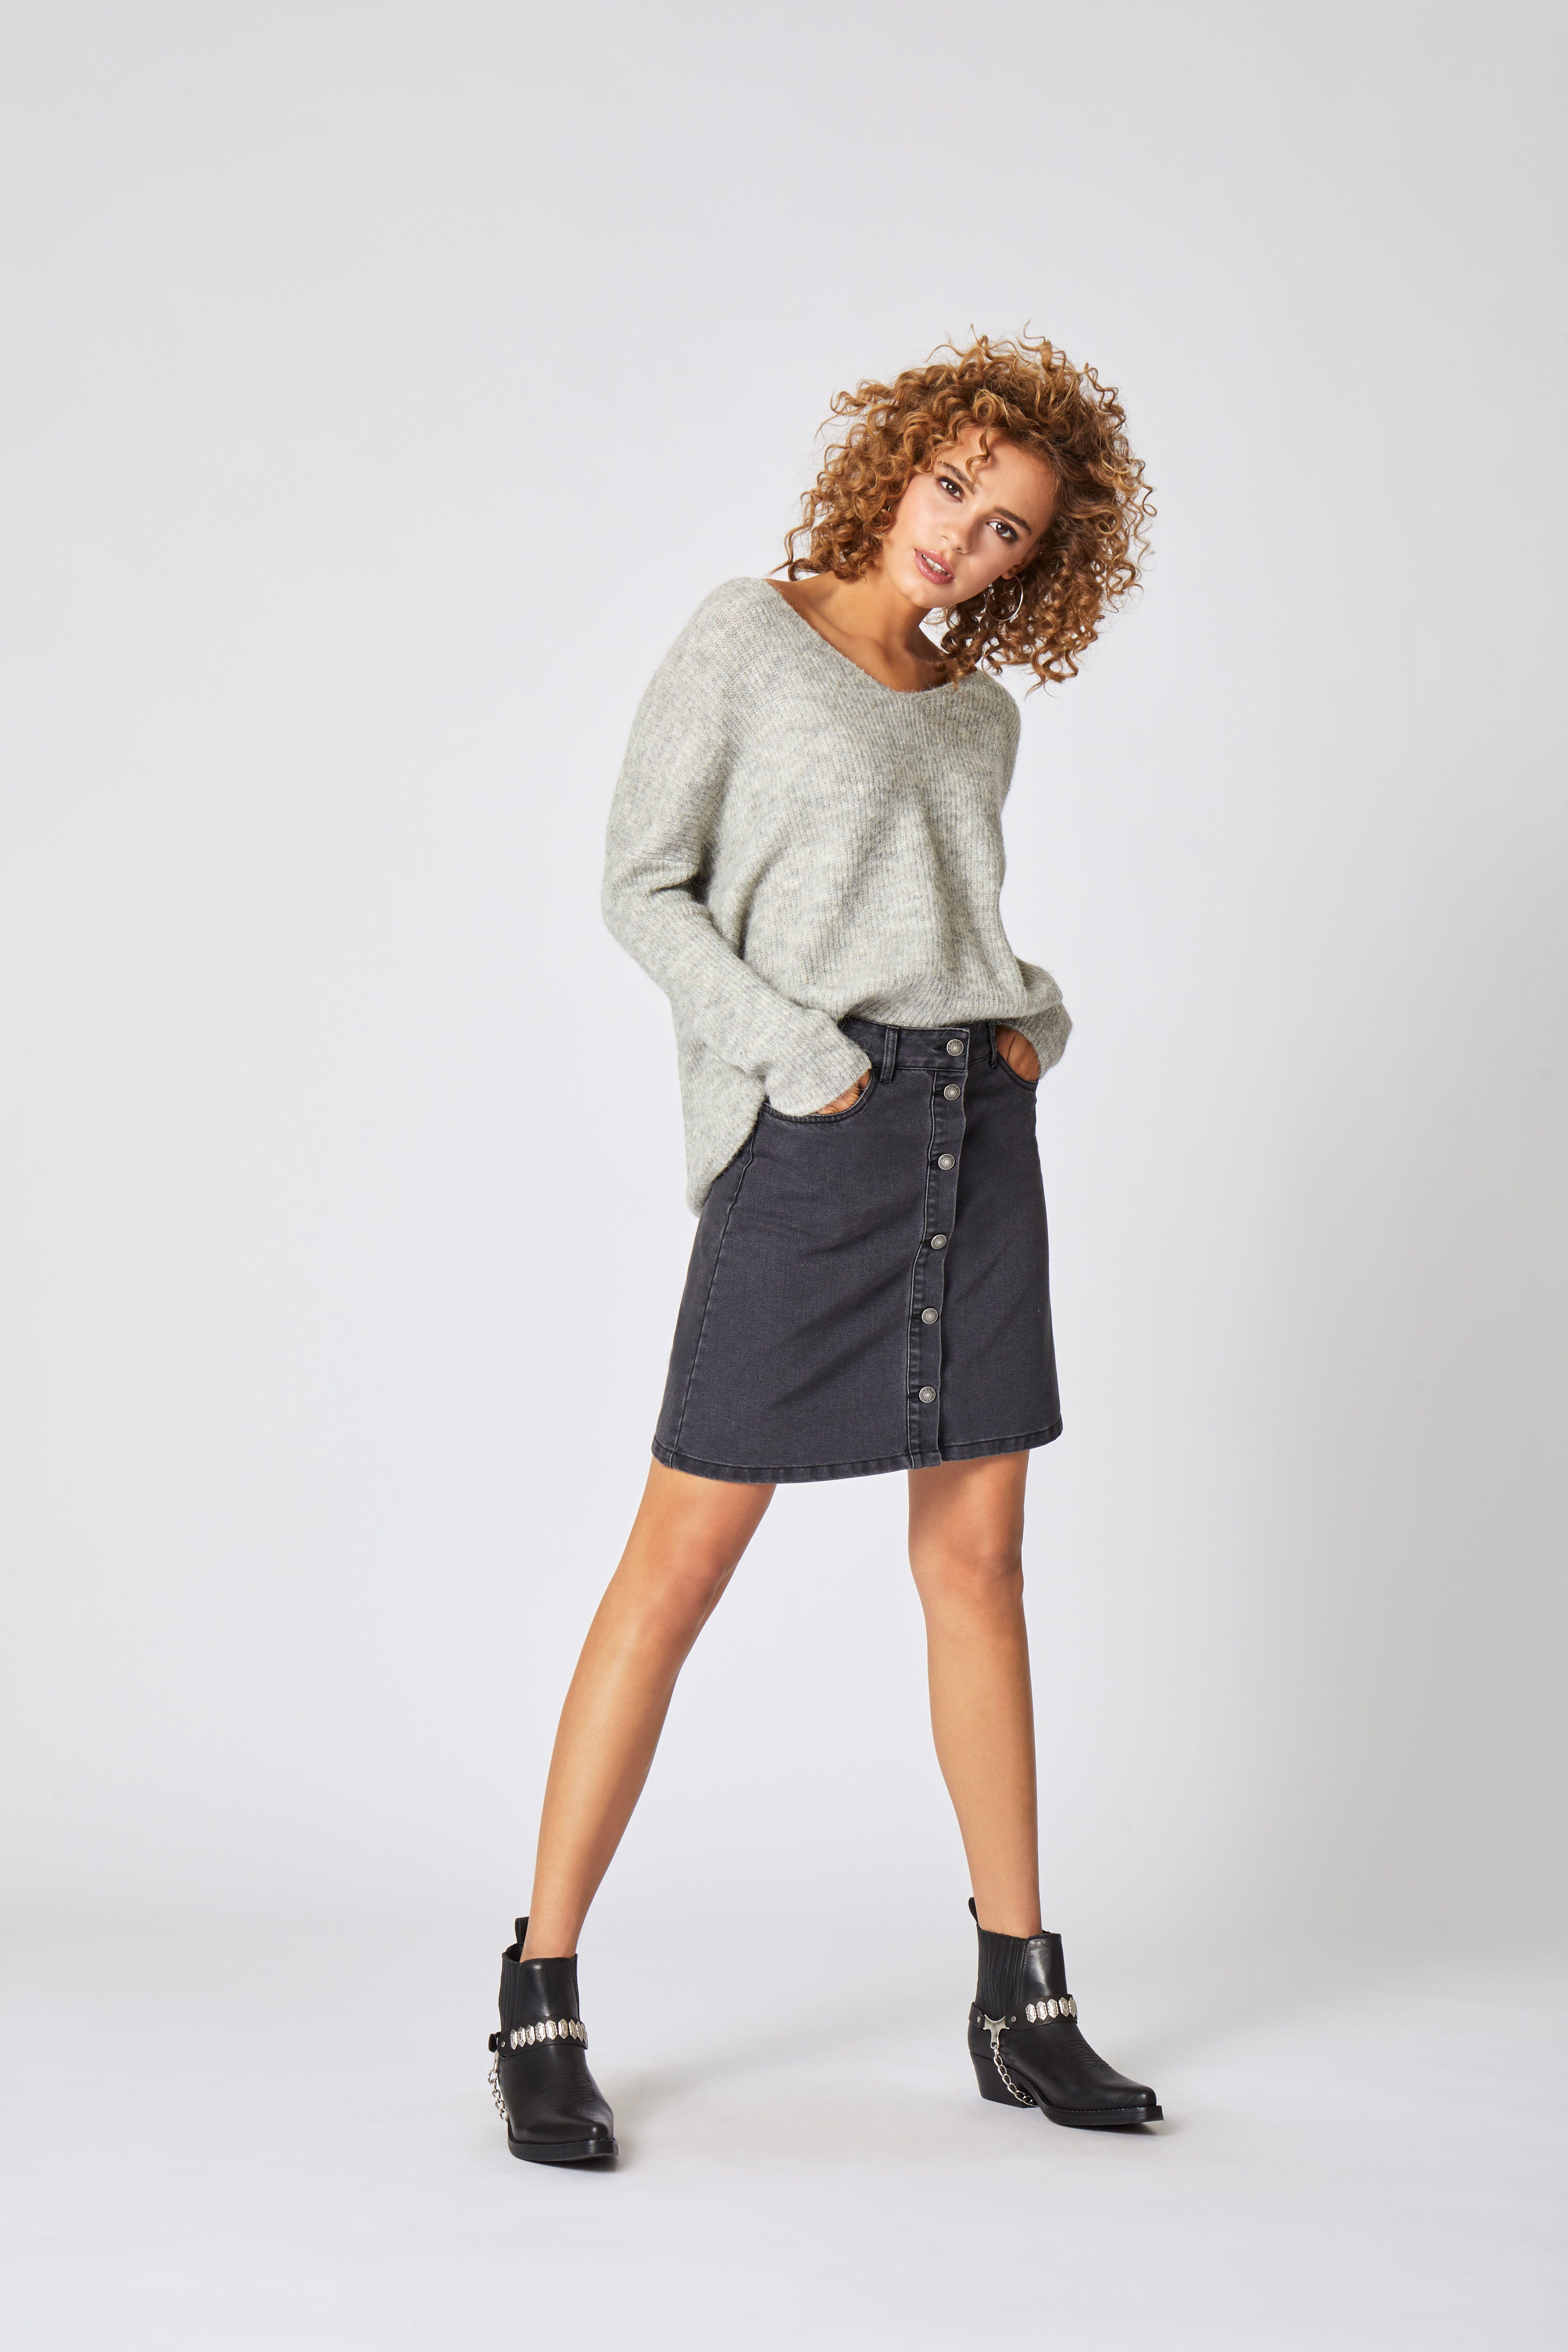 Photo of Entdecke täglich neue Outfits im 77Onlineshop!